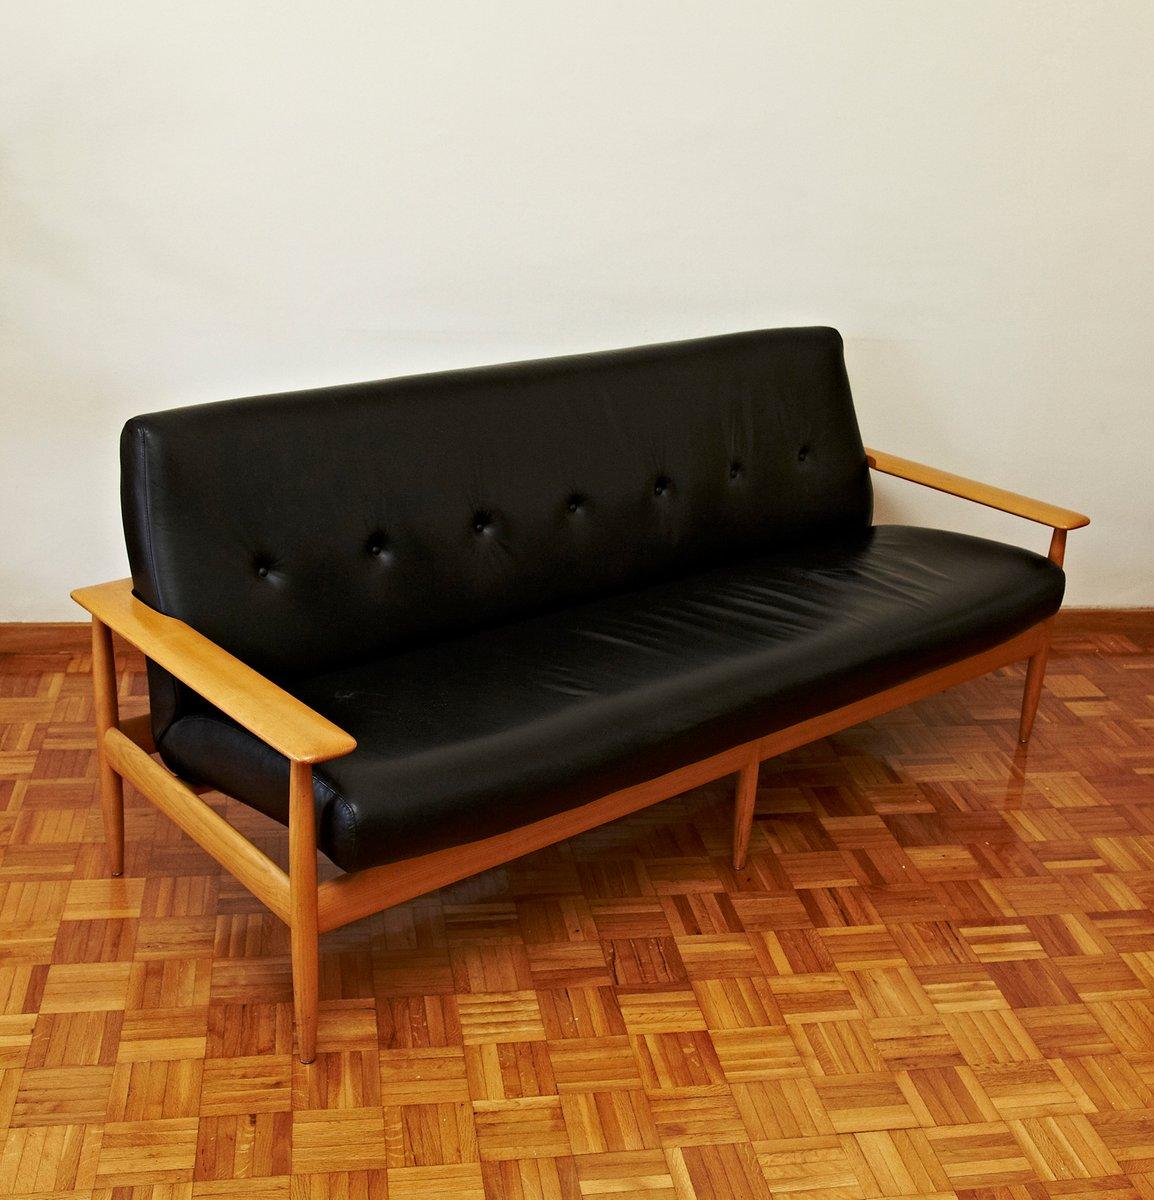 canap scandinave en cuir 1950s en vente sur pamono. Black Bedroom Furniture Sets. Home Design Ideas